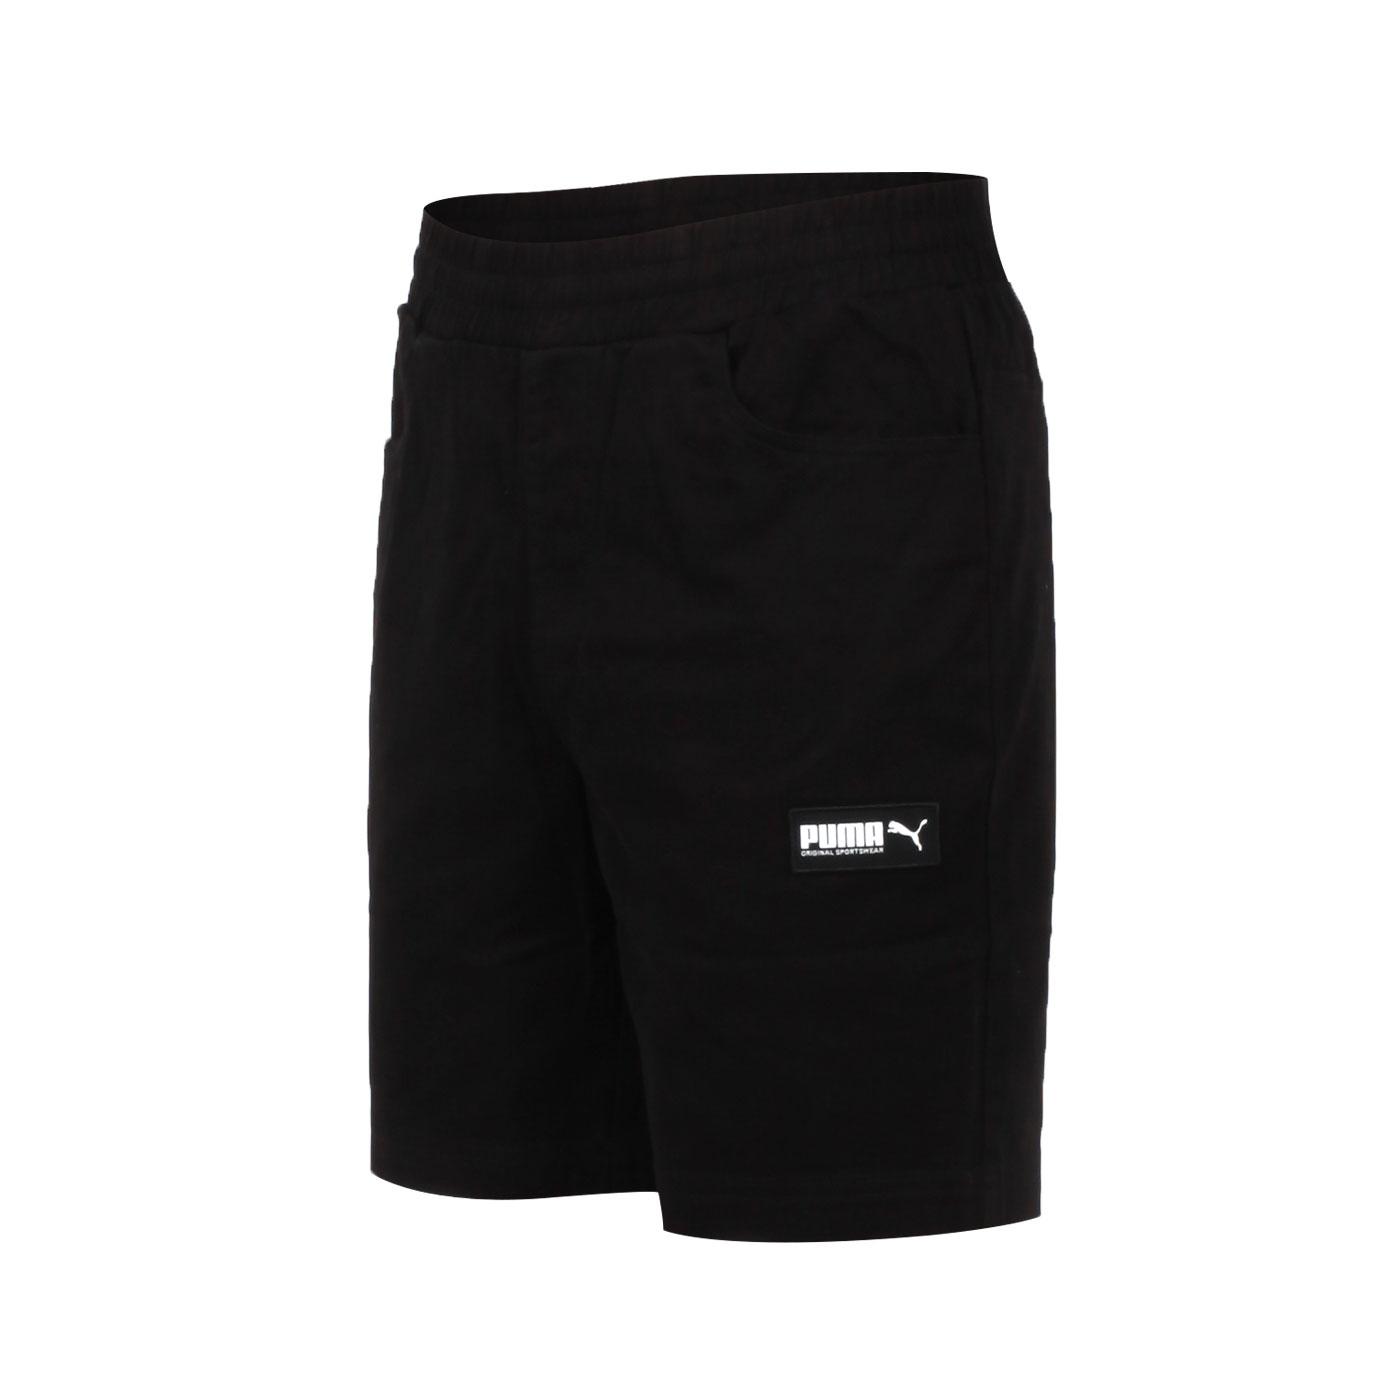 PUMA 男款基本系列8吋短褲 58268101 - 黑白